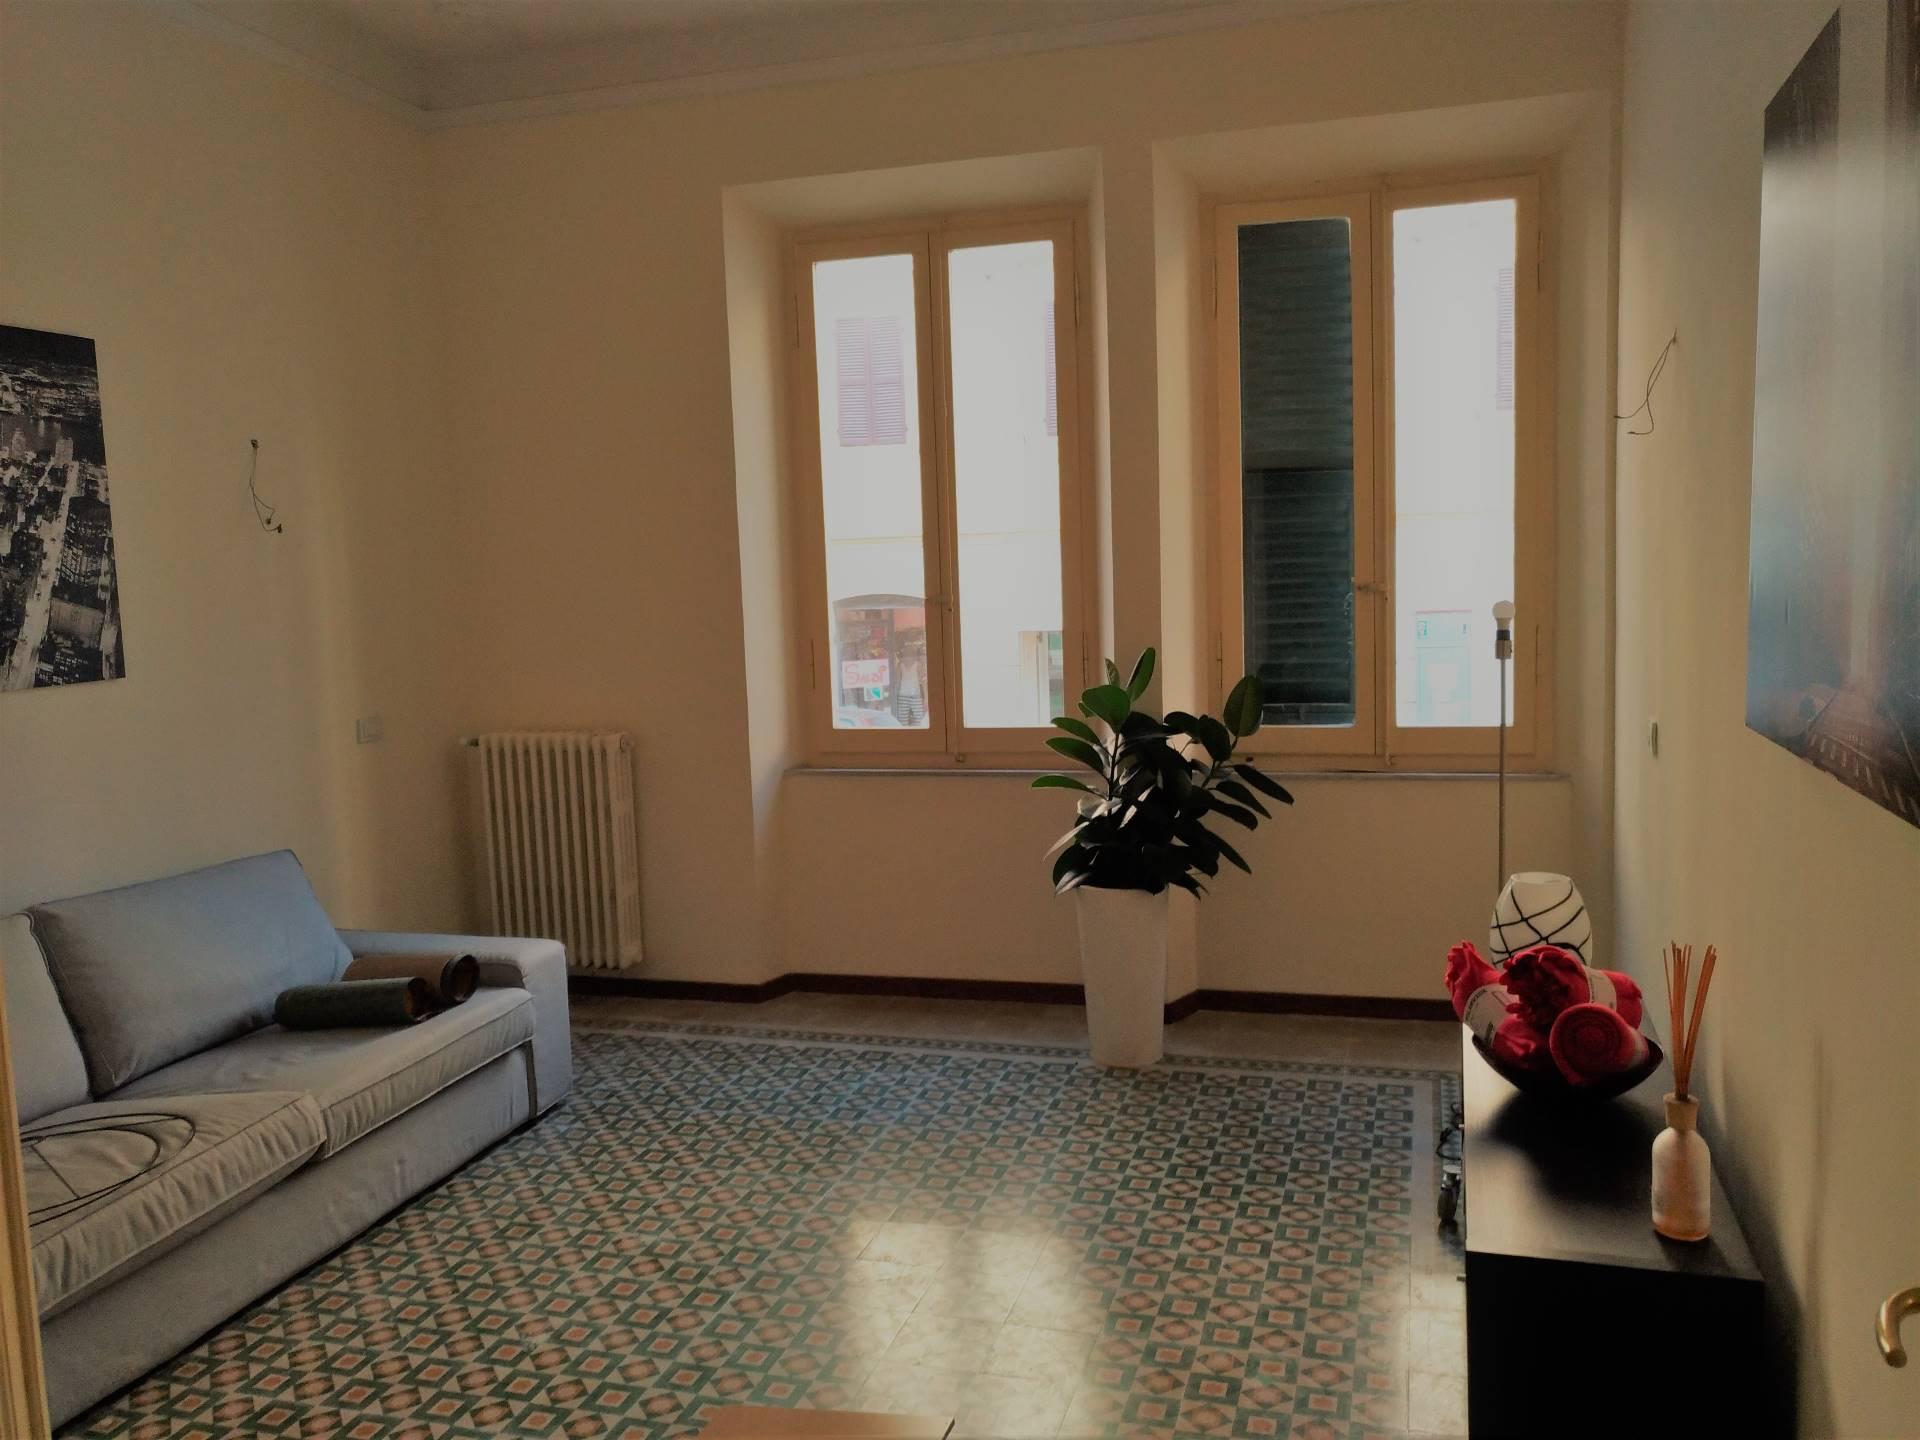 Appartamento in affitto a Ancona, 5 locali, zona Località: Q.Adriatico, prezzo € 850 | CambioCasa.it